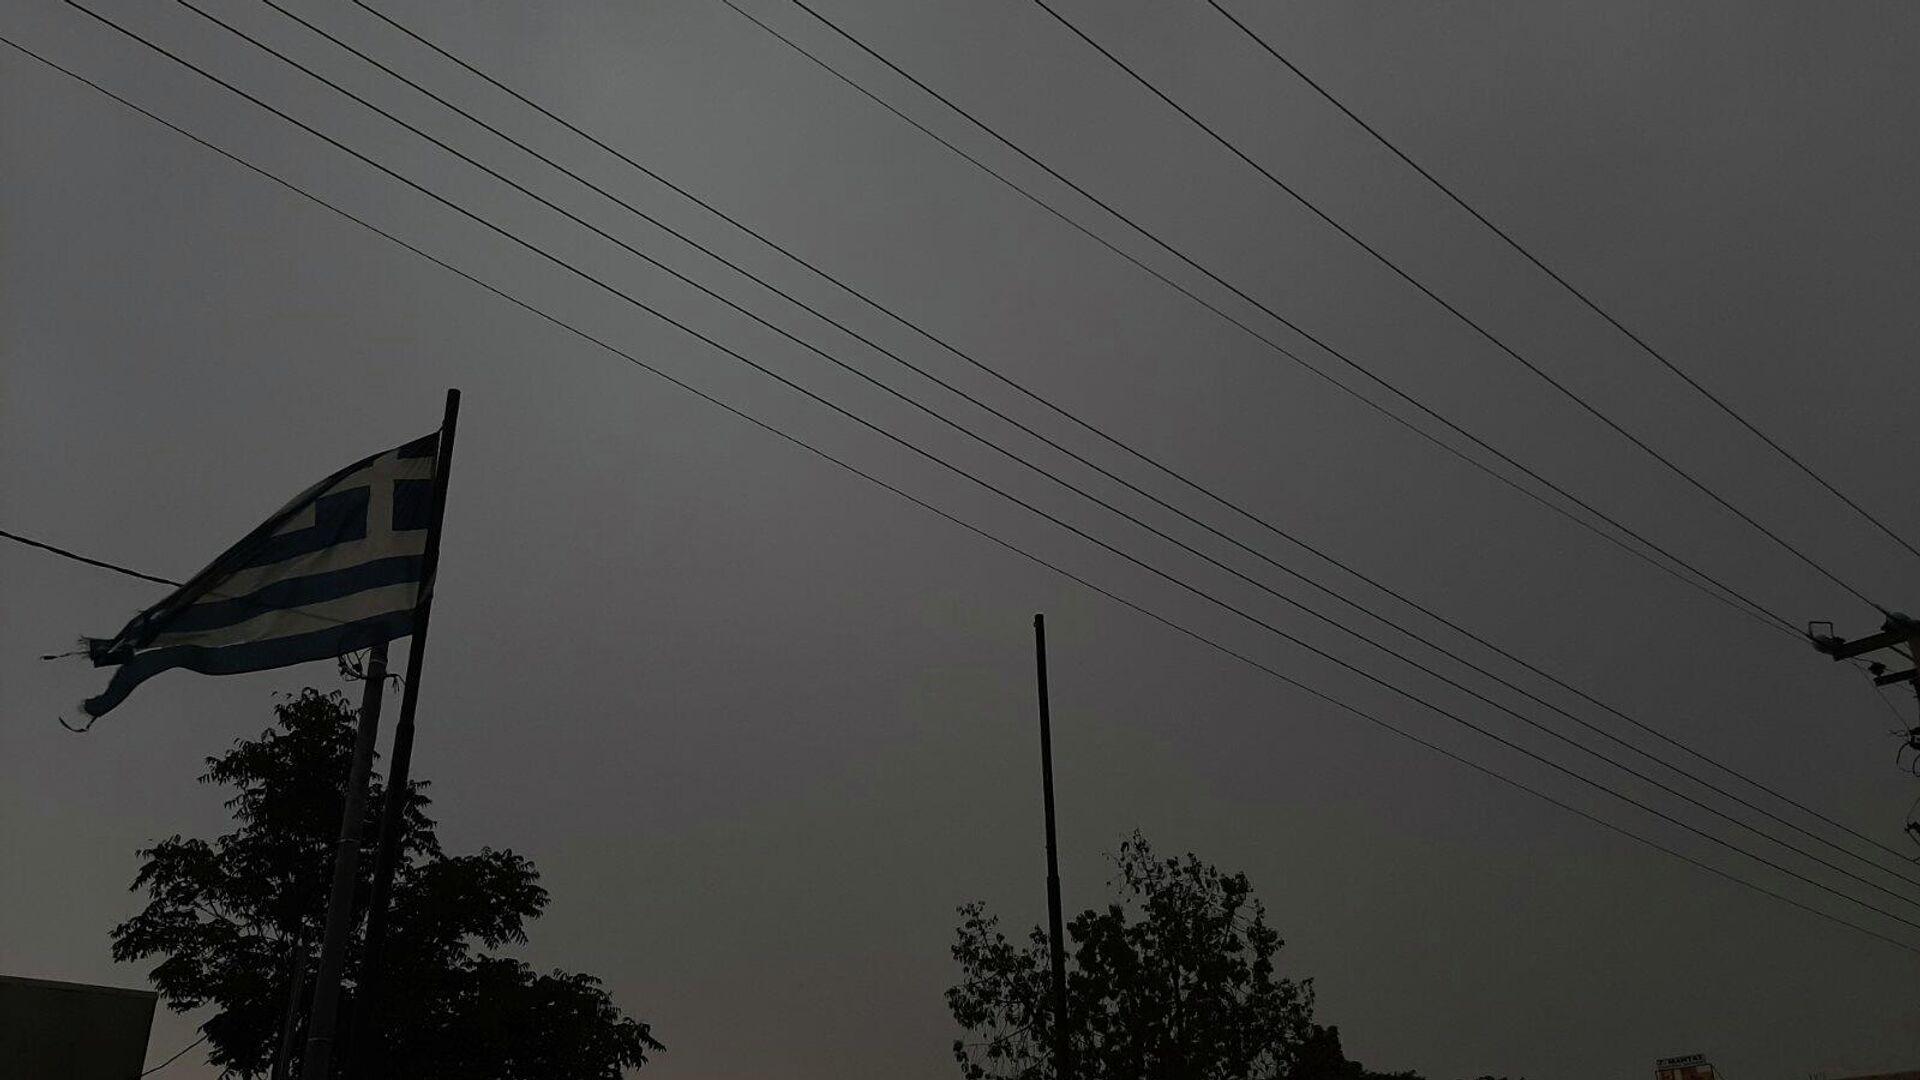 Σκοτεινός ουρανός πριν από καταιγίδα στην Αθήνα, στις 11 Αυγούστου 2021 - Sputnik Ελλάδα, 1920, 09.10.2021